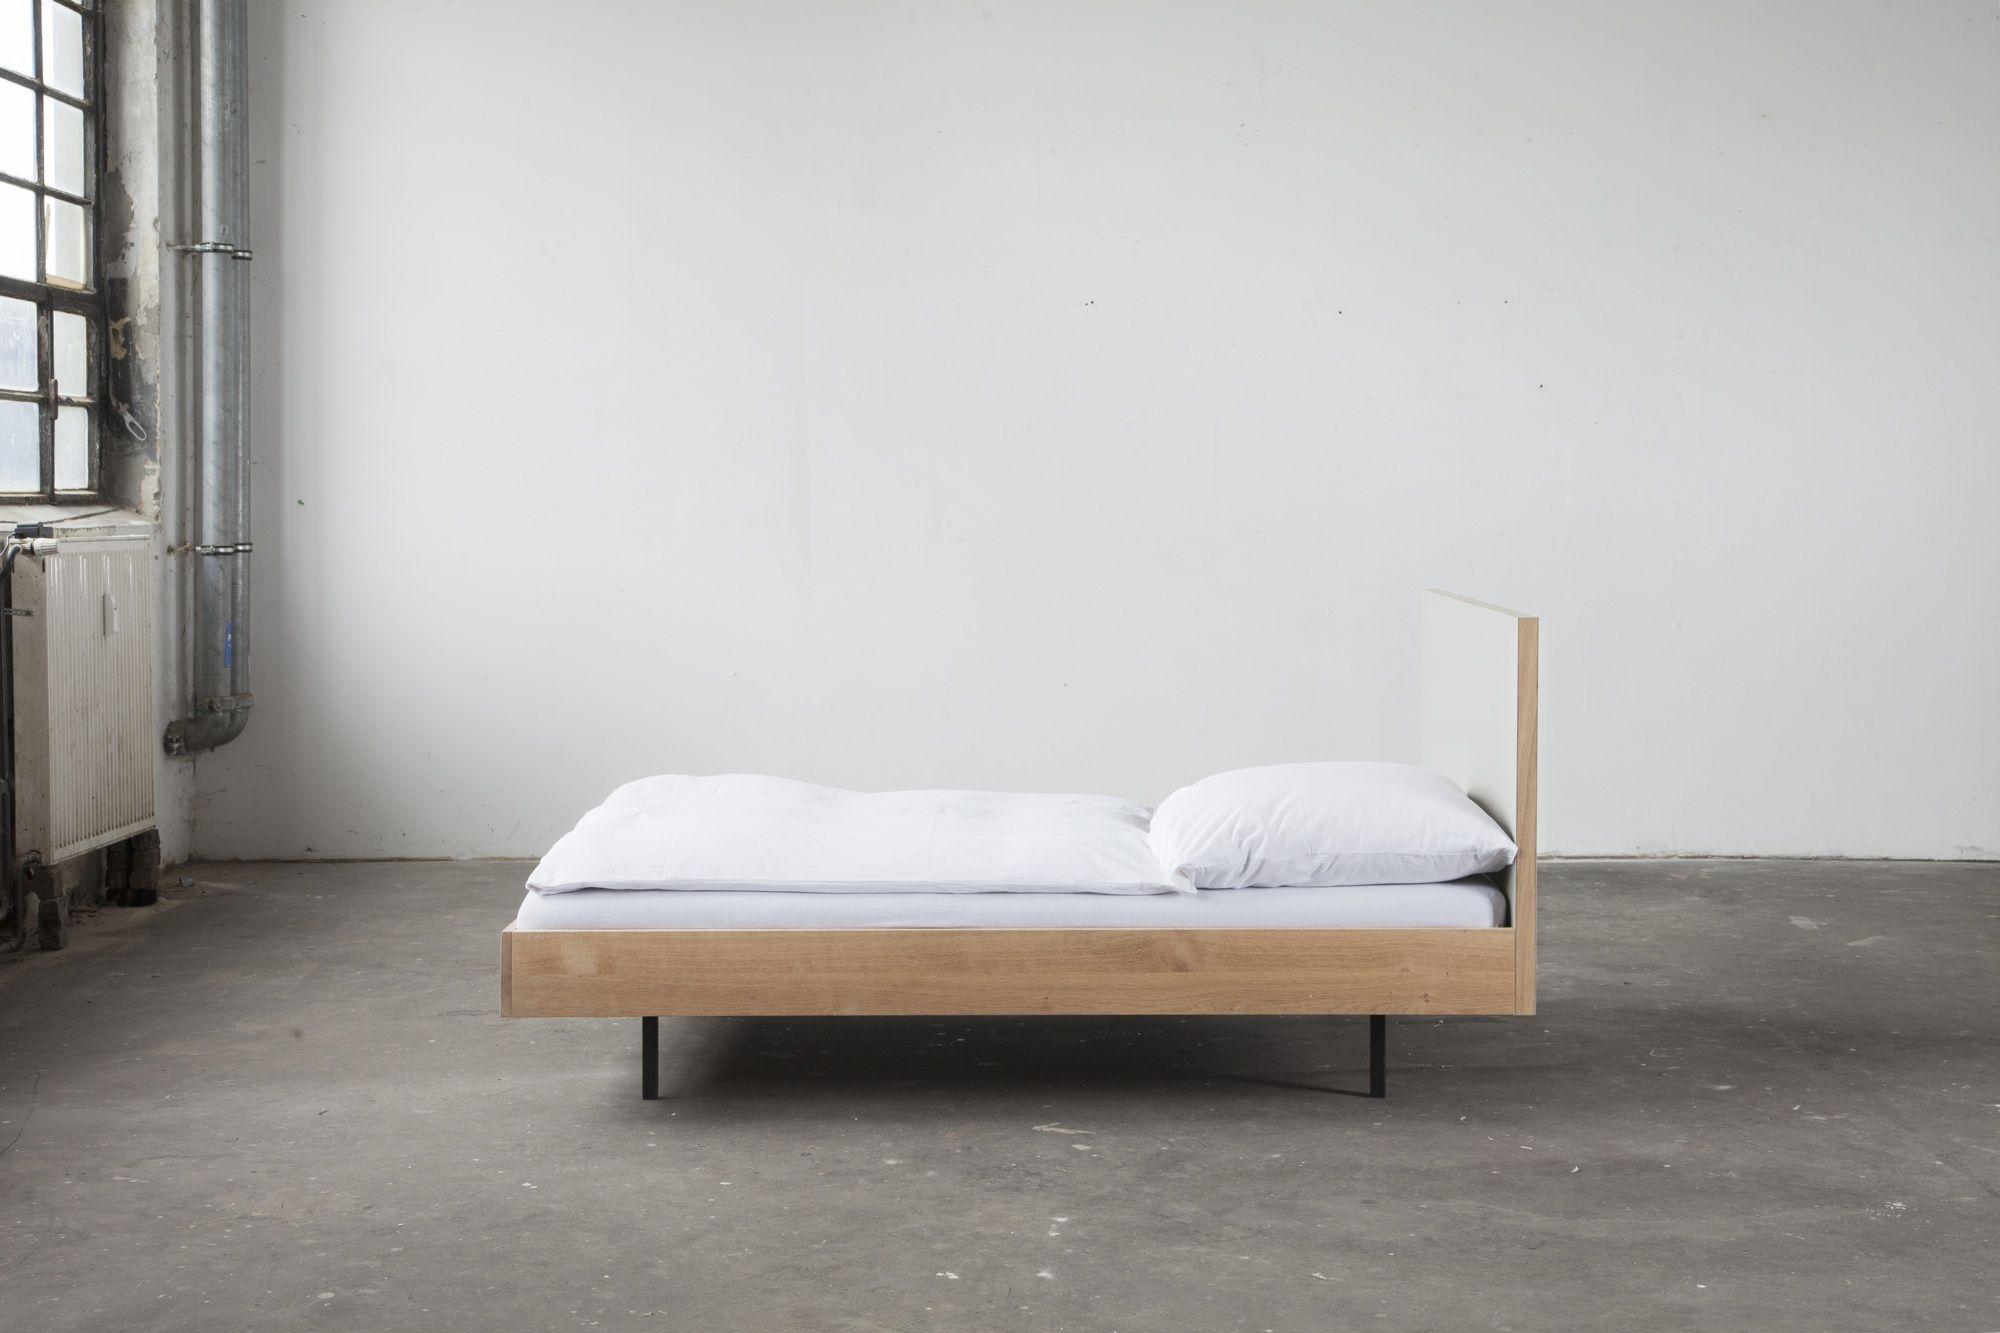 Unidorm - Bett. Material: Linoleum, massive Eiche, geölt #bett ...